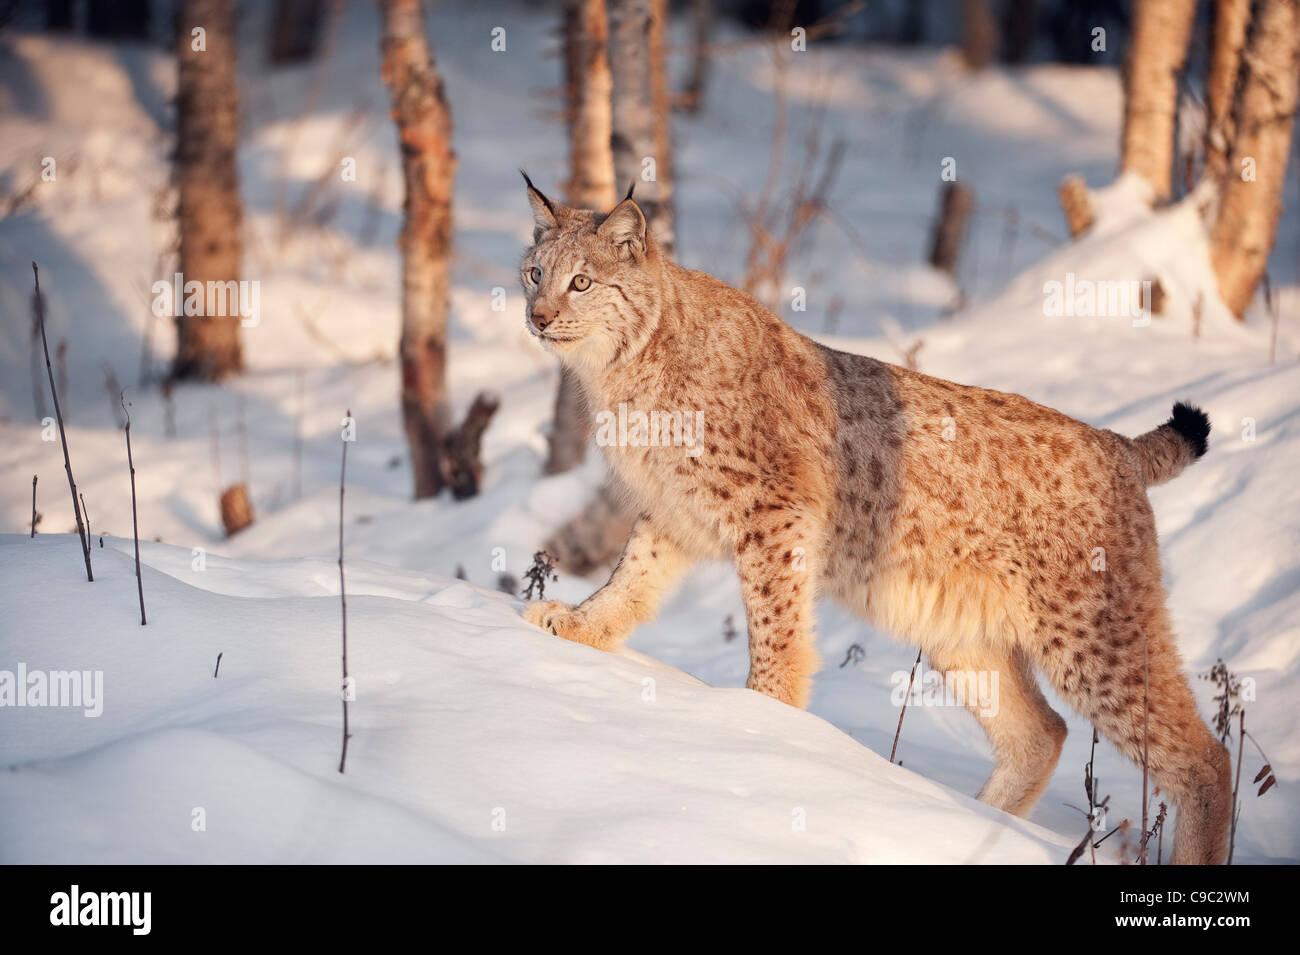 Lynx Norway - Stock Image